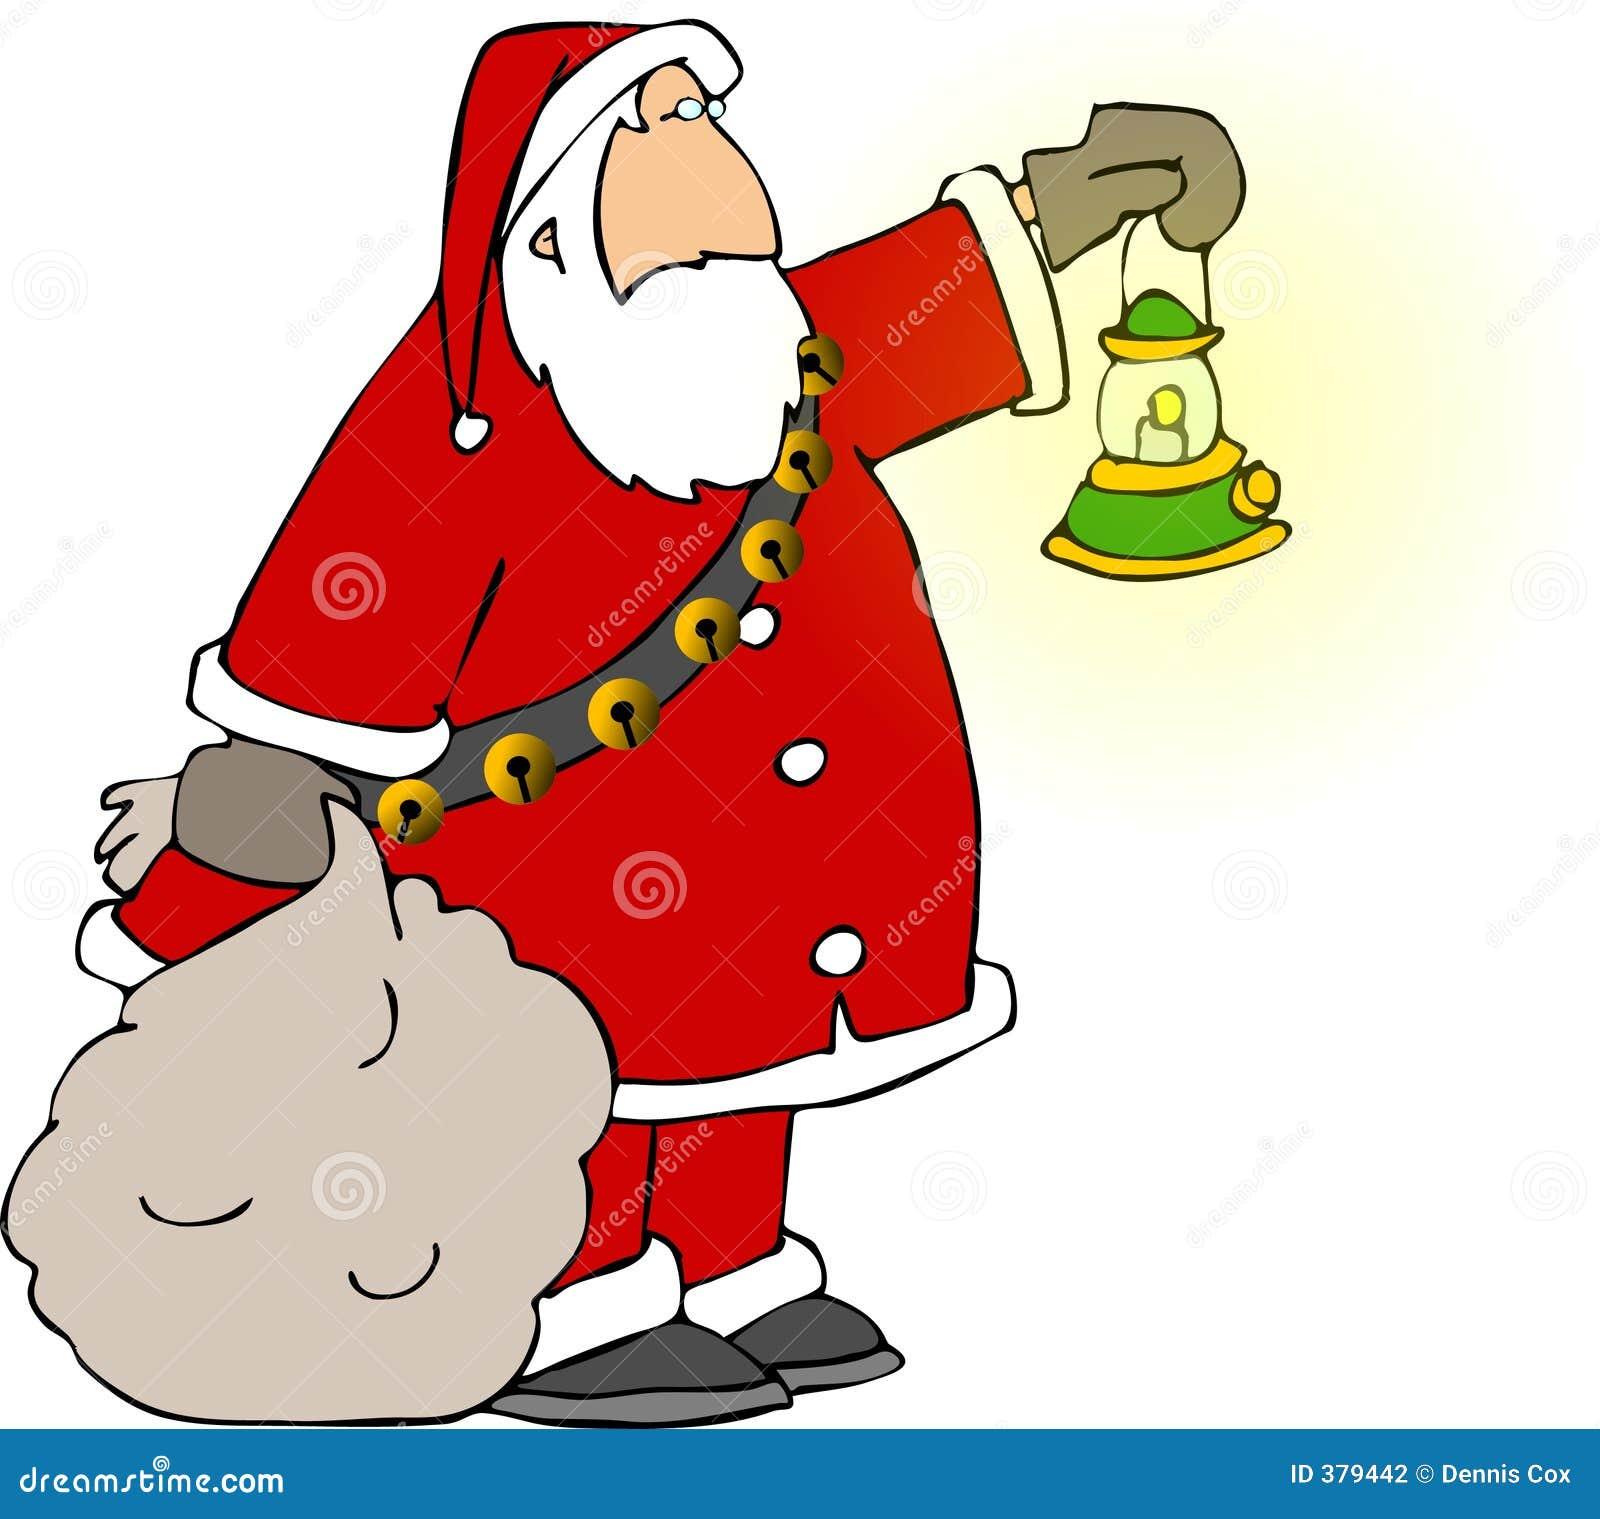 Santa retenant un sac et une lampe